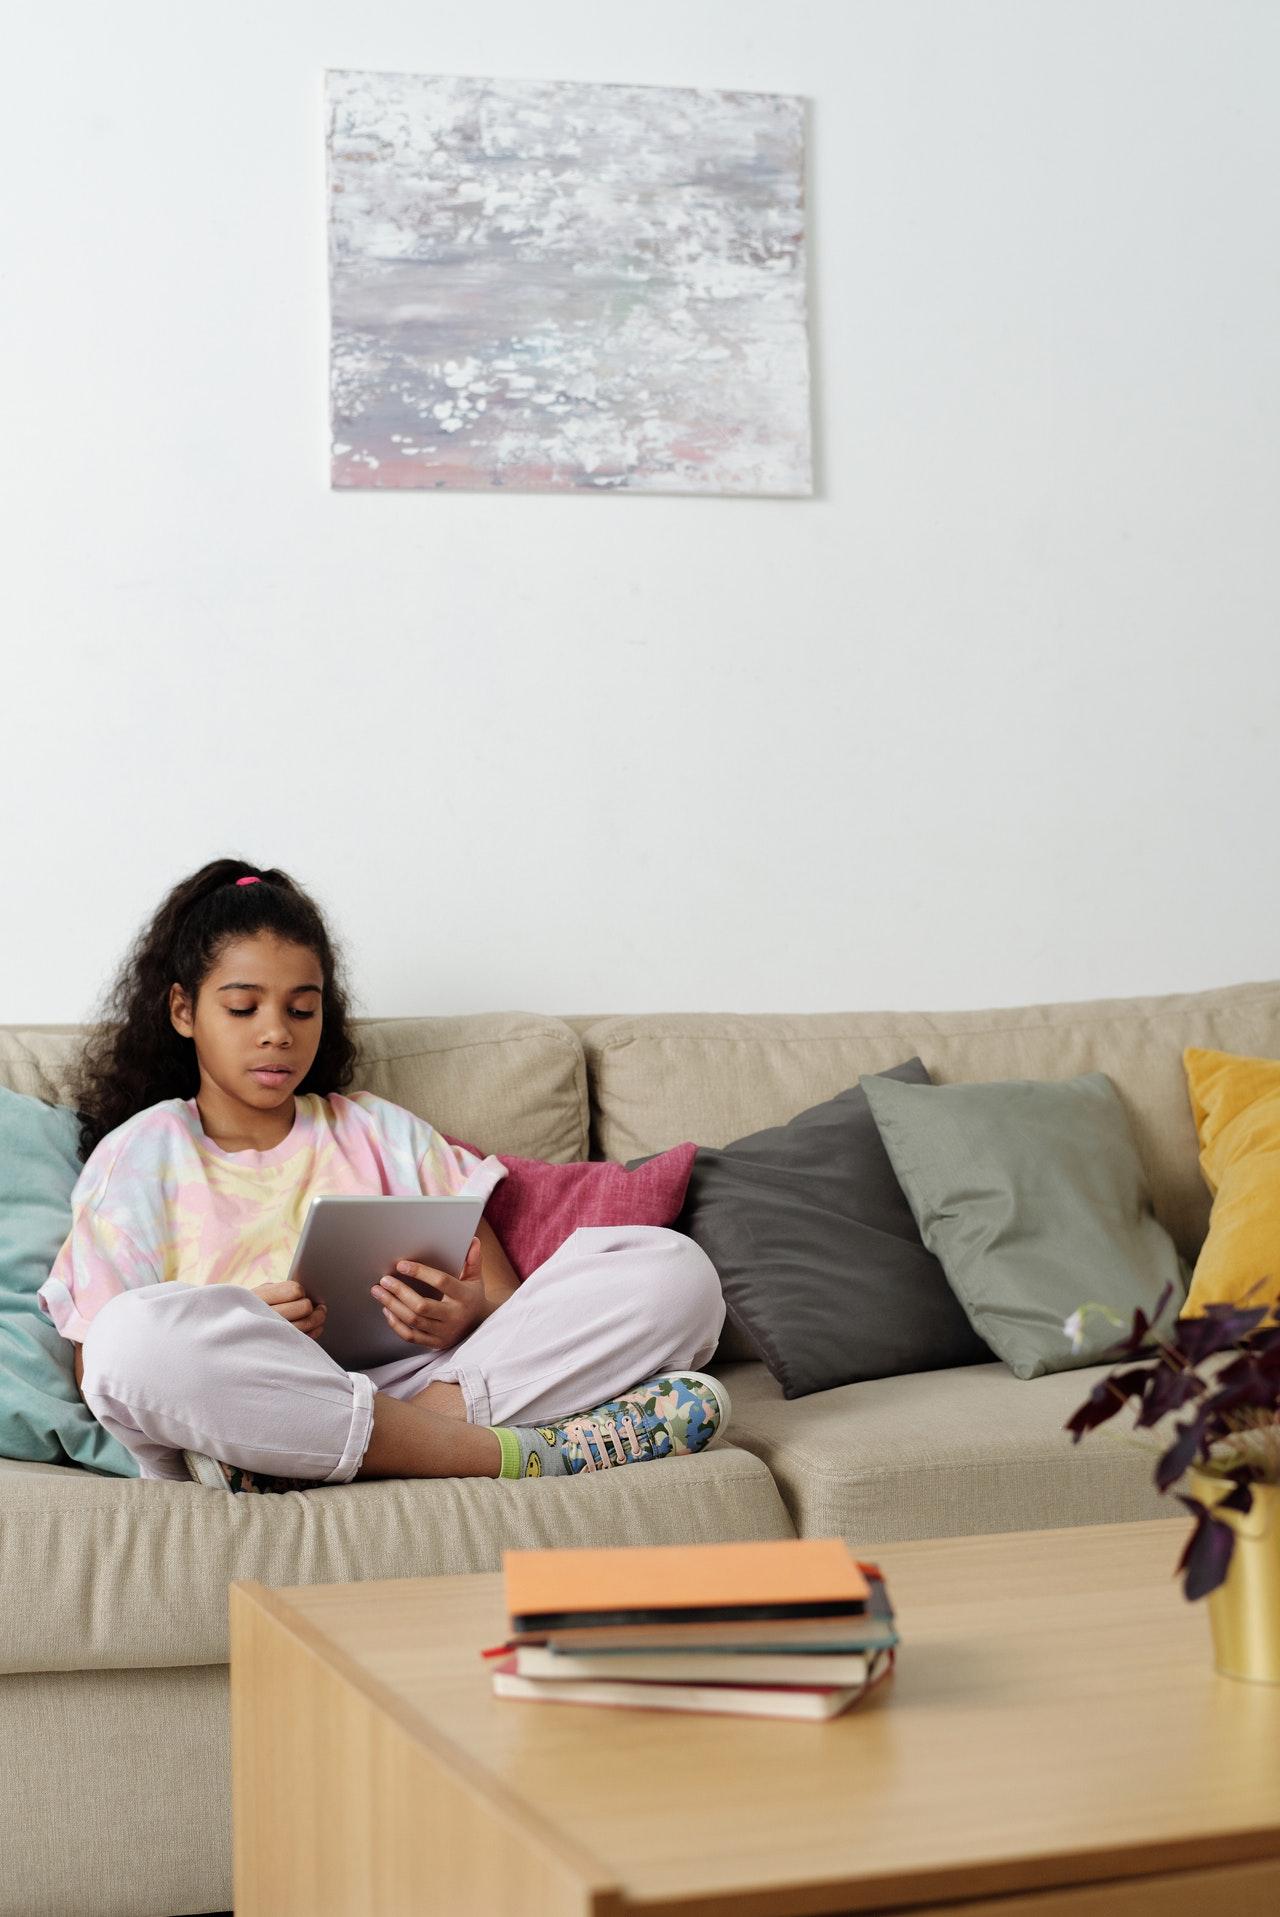 Protégez votre enfant du cyber-harcèlement